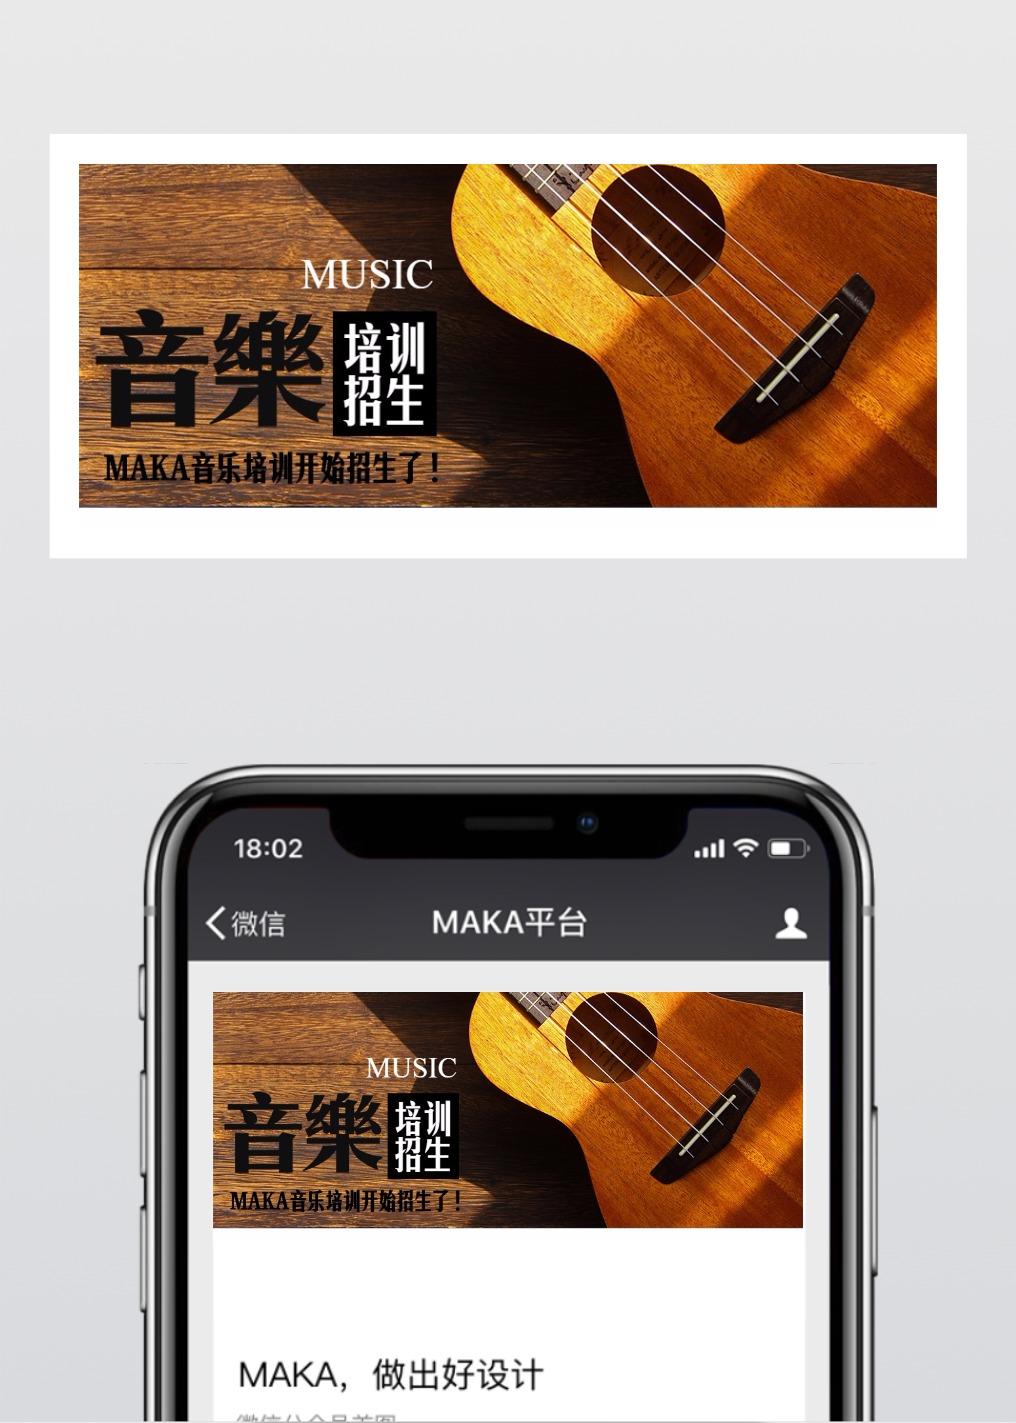 简约清新文艺少儿/成人钢琴吉他声乐音乐培训招生微信公众号封面大图banner